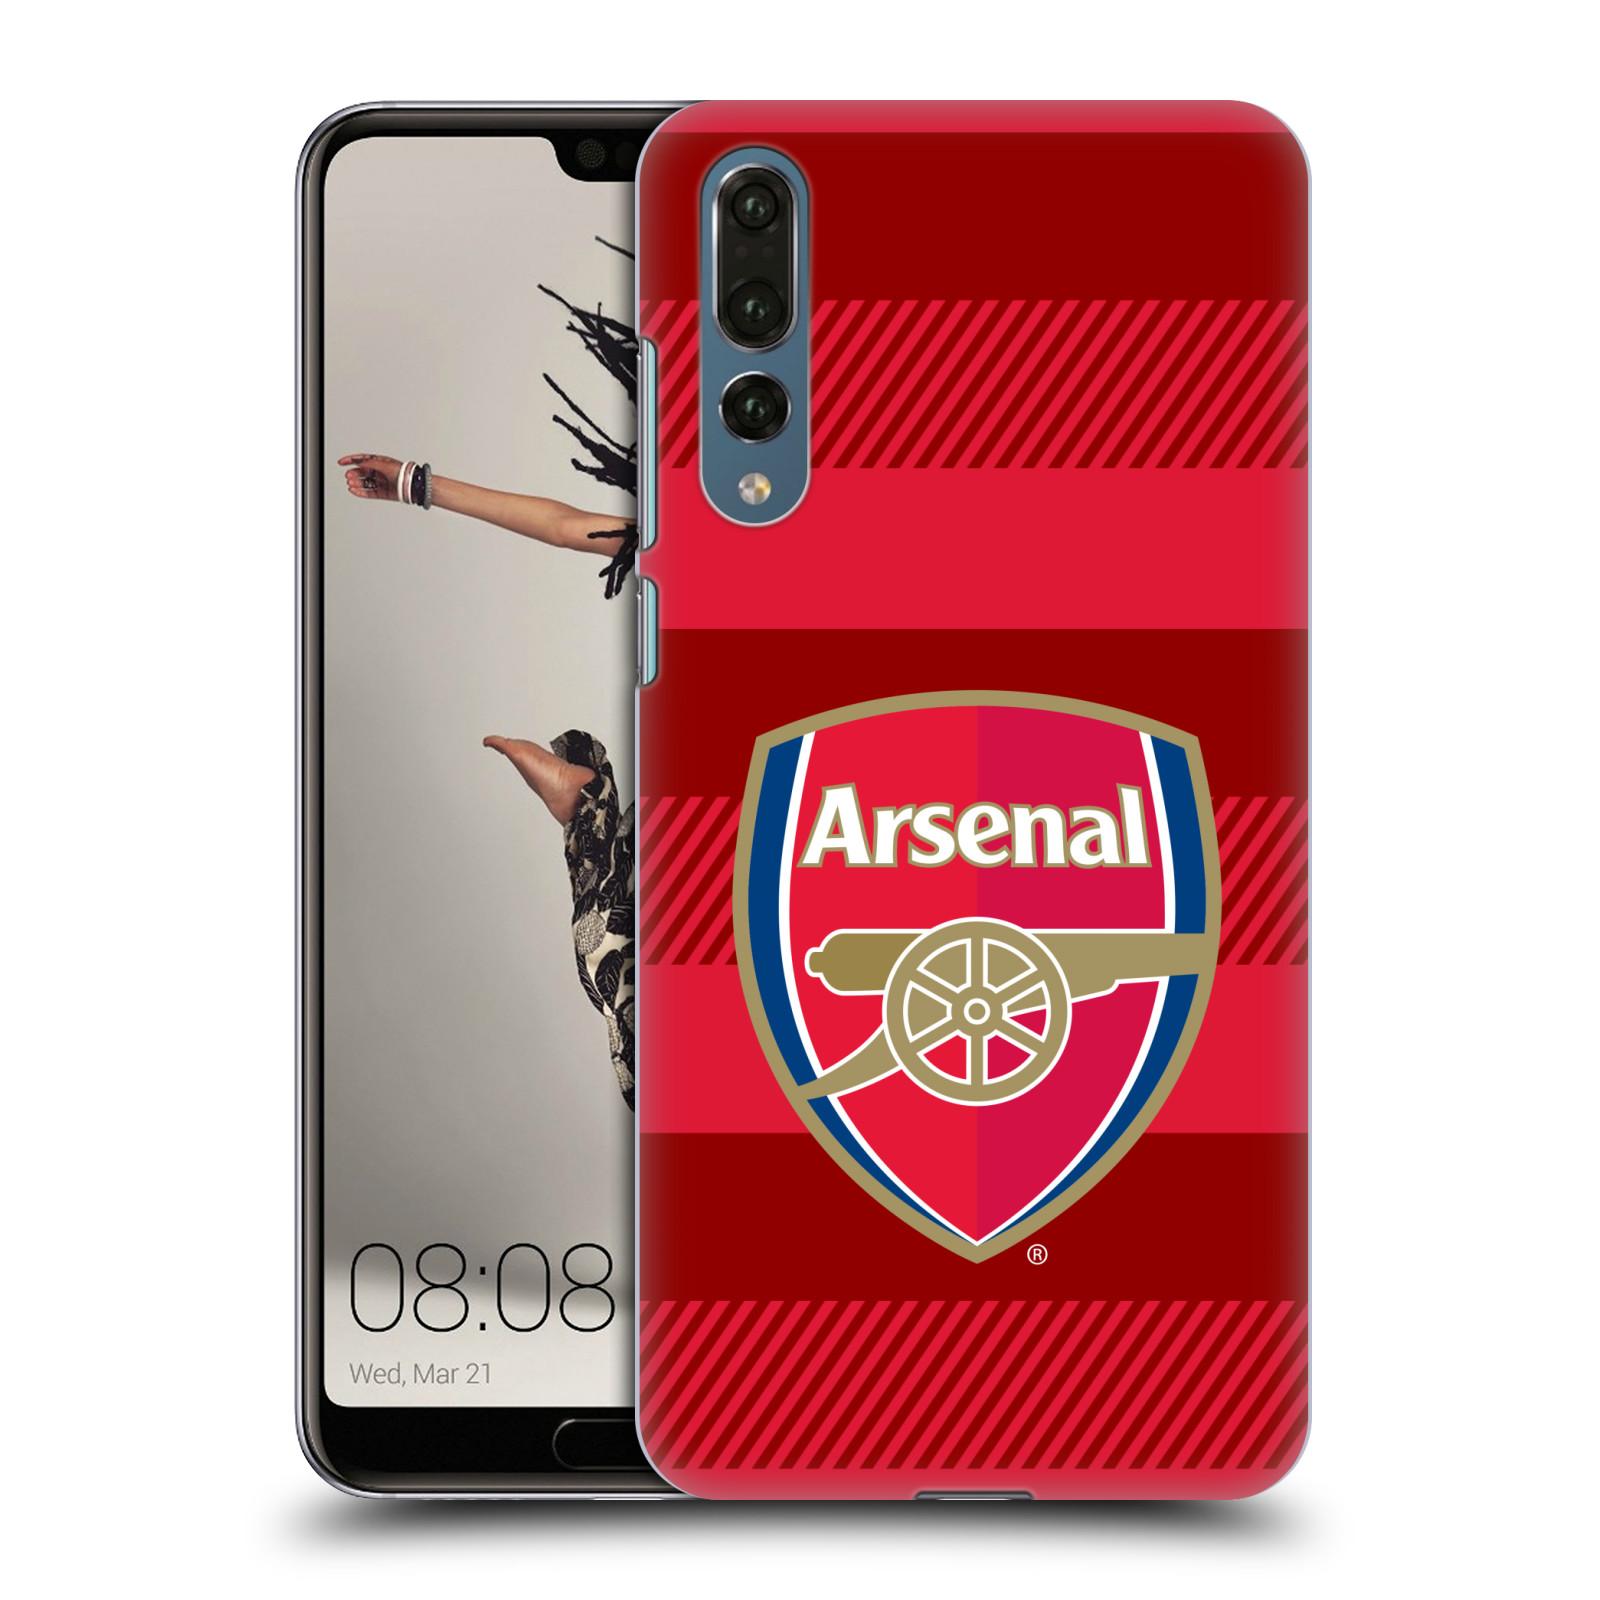 Plastové pouzdro na mobil Huawei P20 Pro - Head Case - Arsenal FC - Logo s pruhy